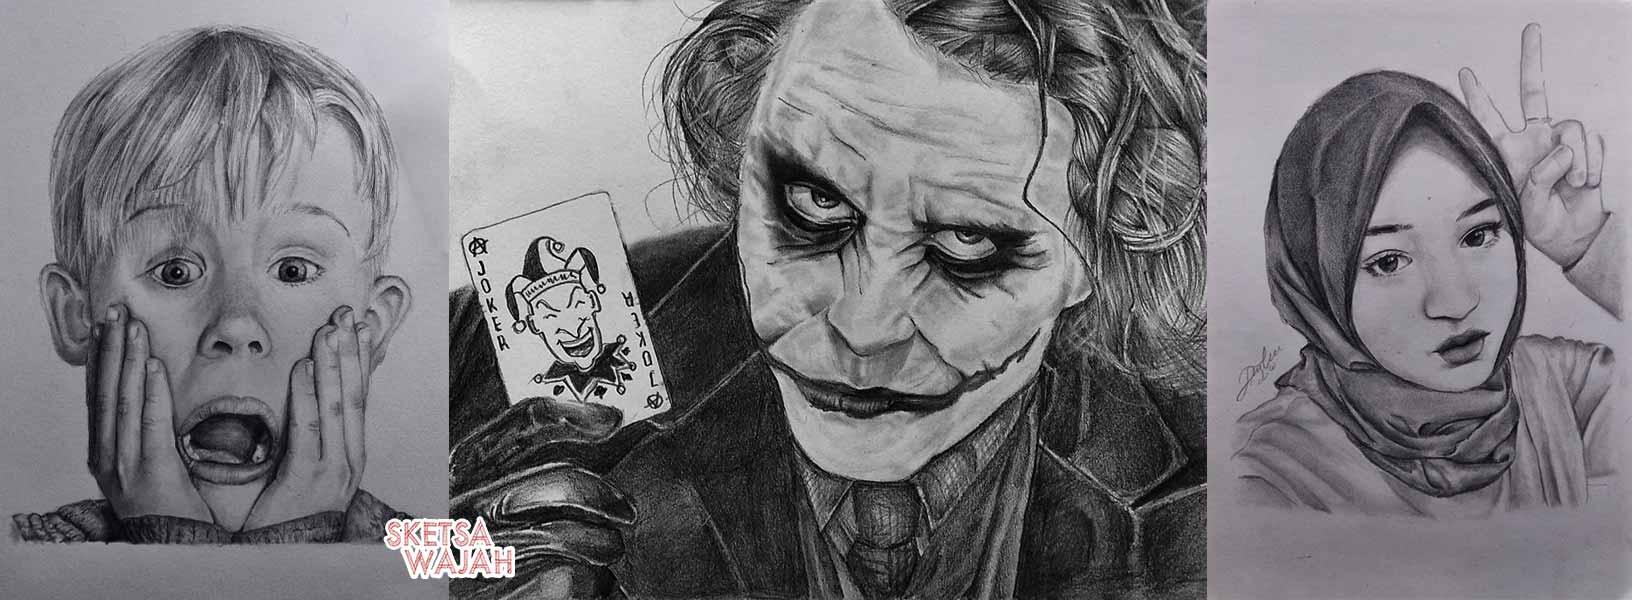 Karya DW Art sketcher Sketsa Wajah